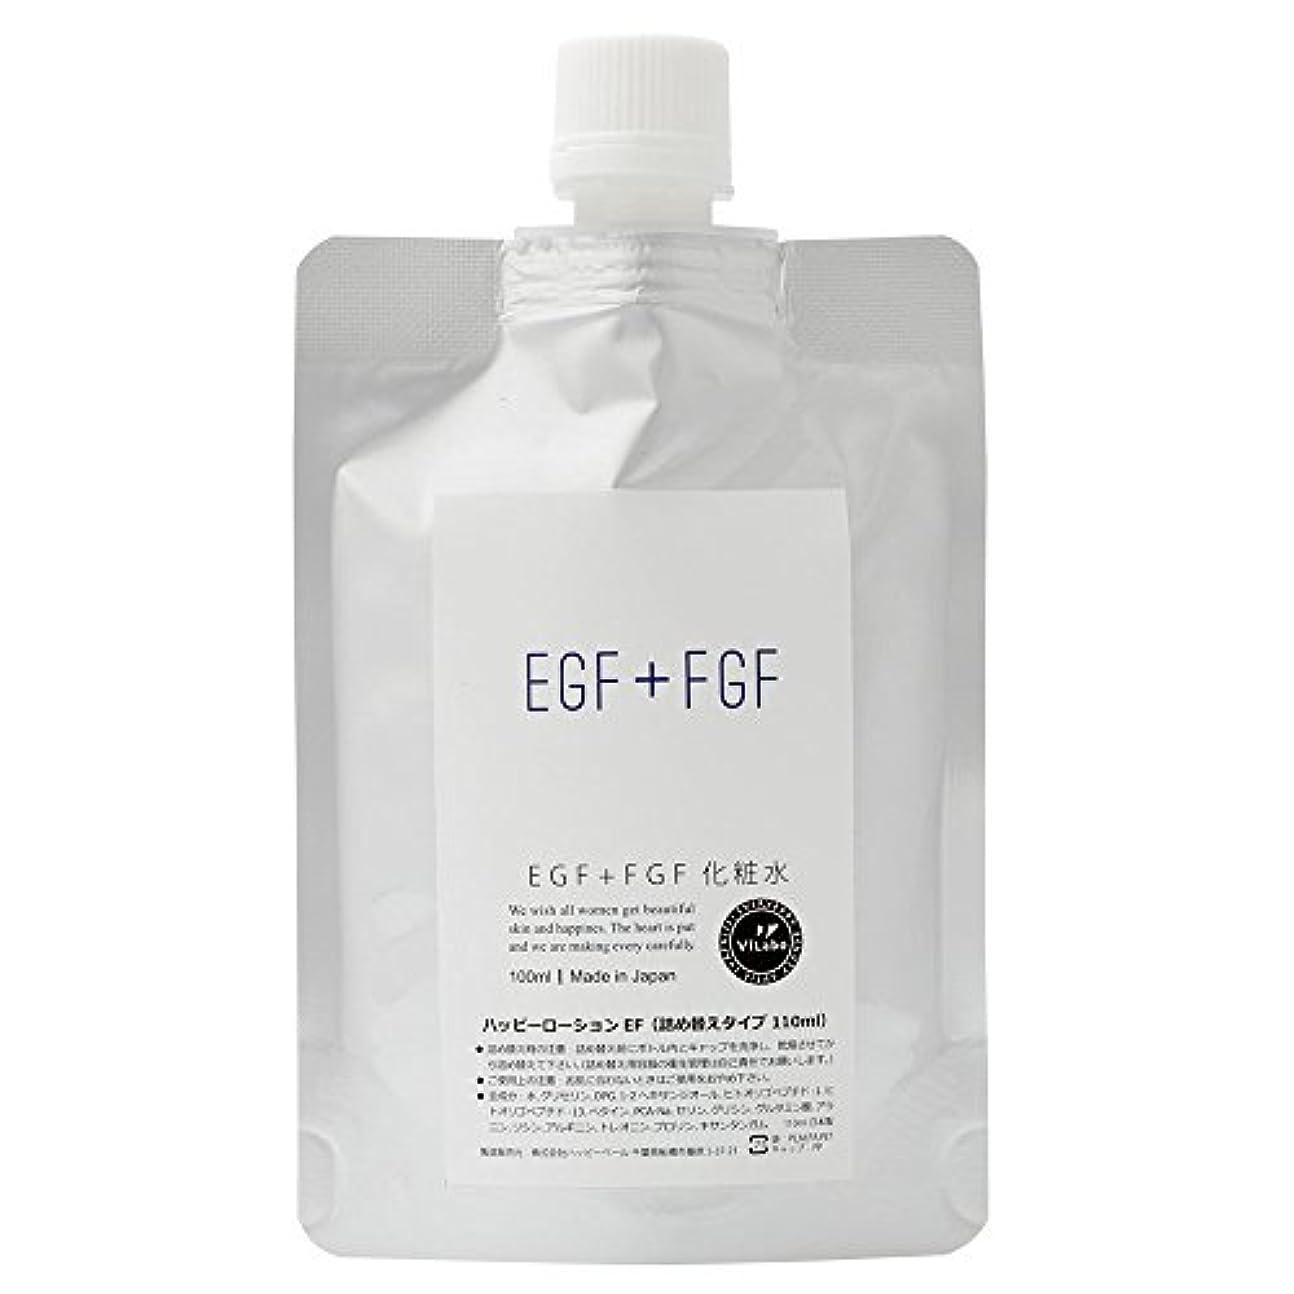 スクリーチ解釈的アルカトラズ島ViLabo EGF+FGF化粧水 (ハッピーローションEF)110ml 詰め替え用パウチ ビラボ